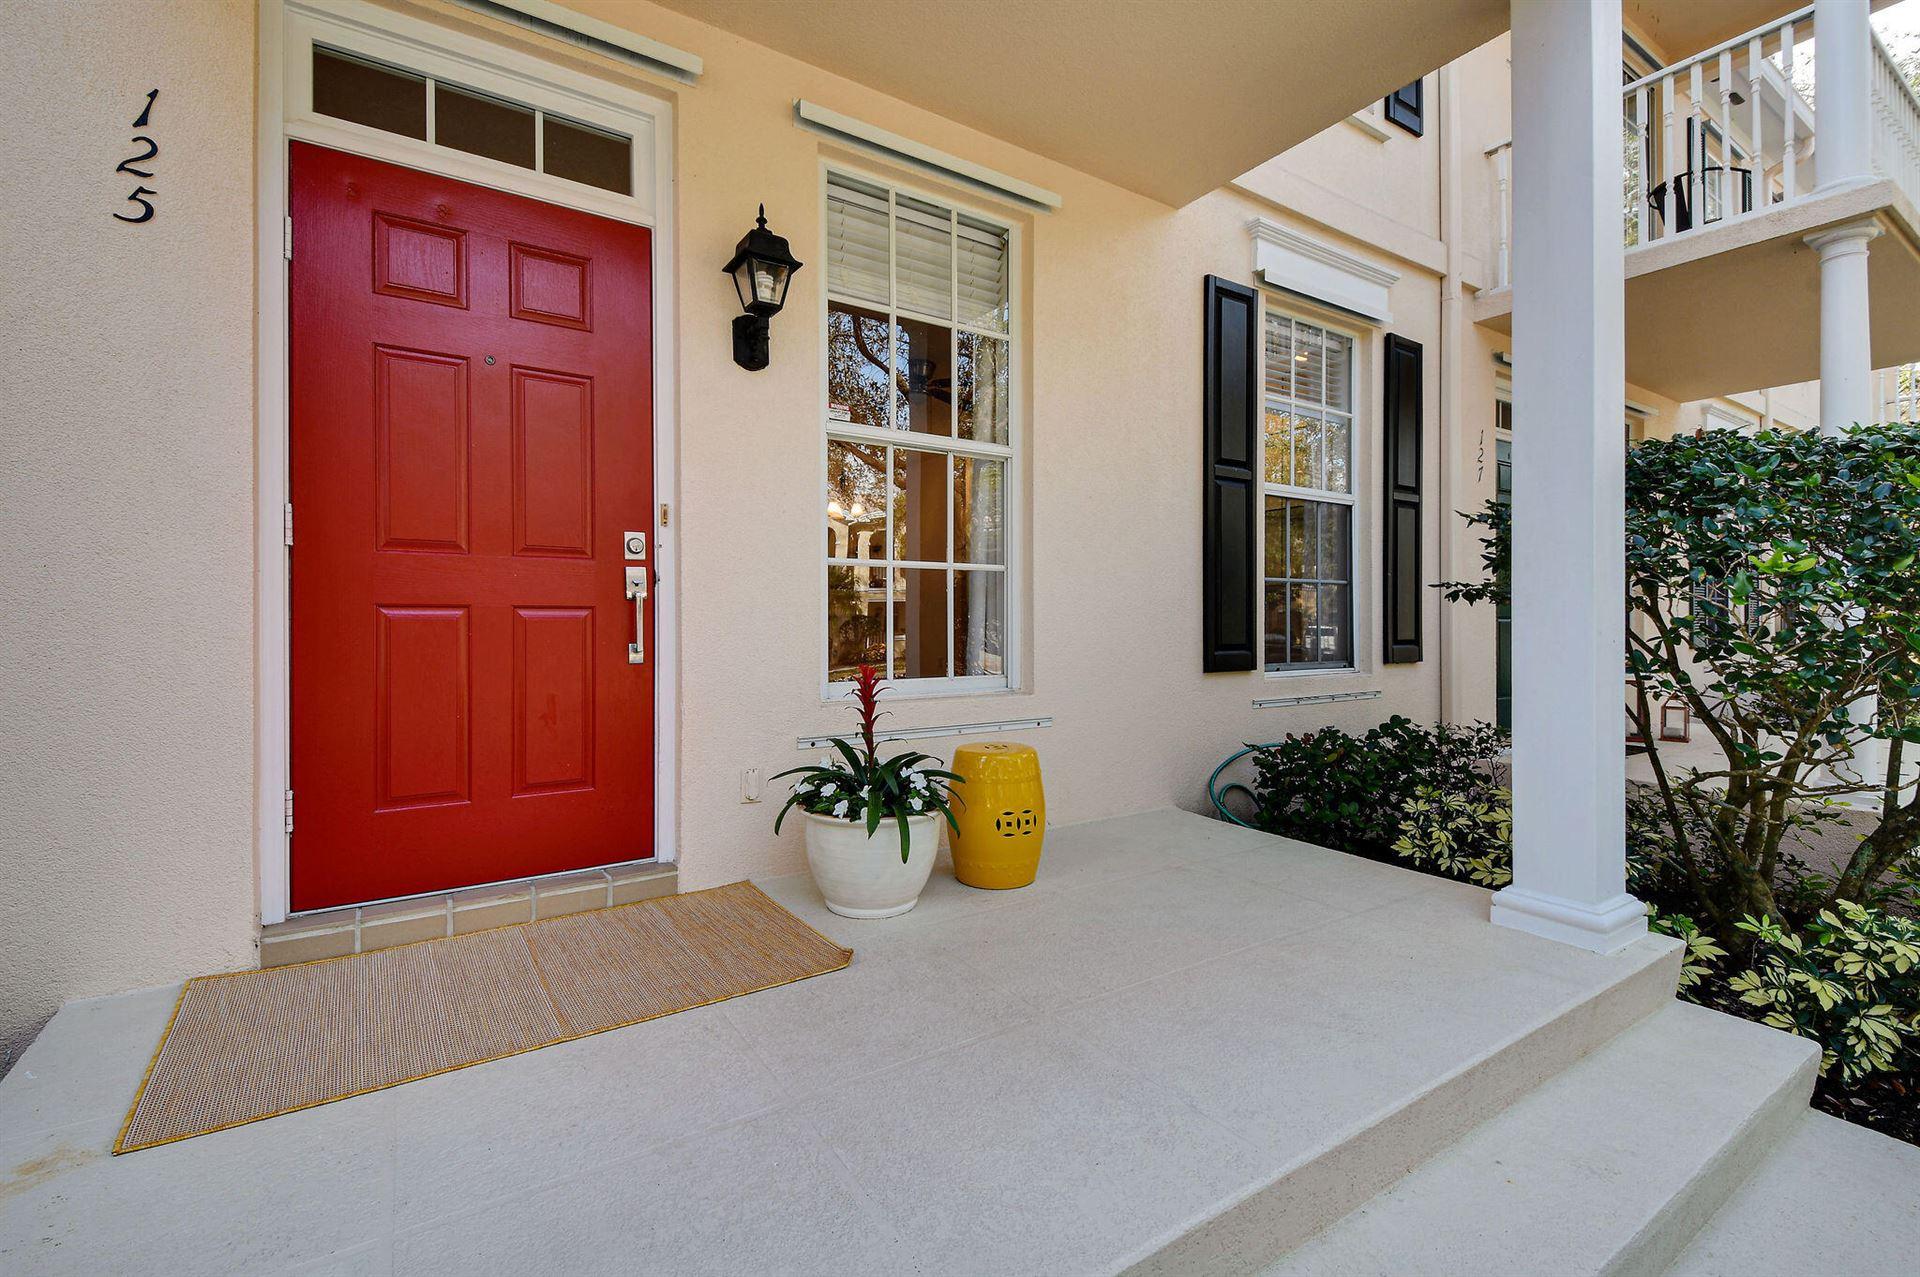 Photo of 125 Ashley Court, Jupiter, FL 33458 (MLS # RX-10692768)